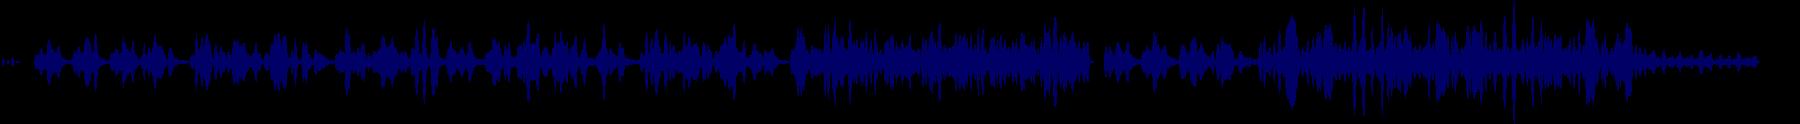 waveform of track #71174